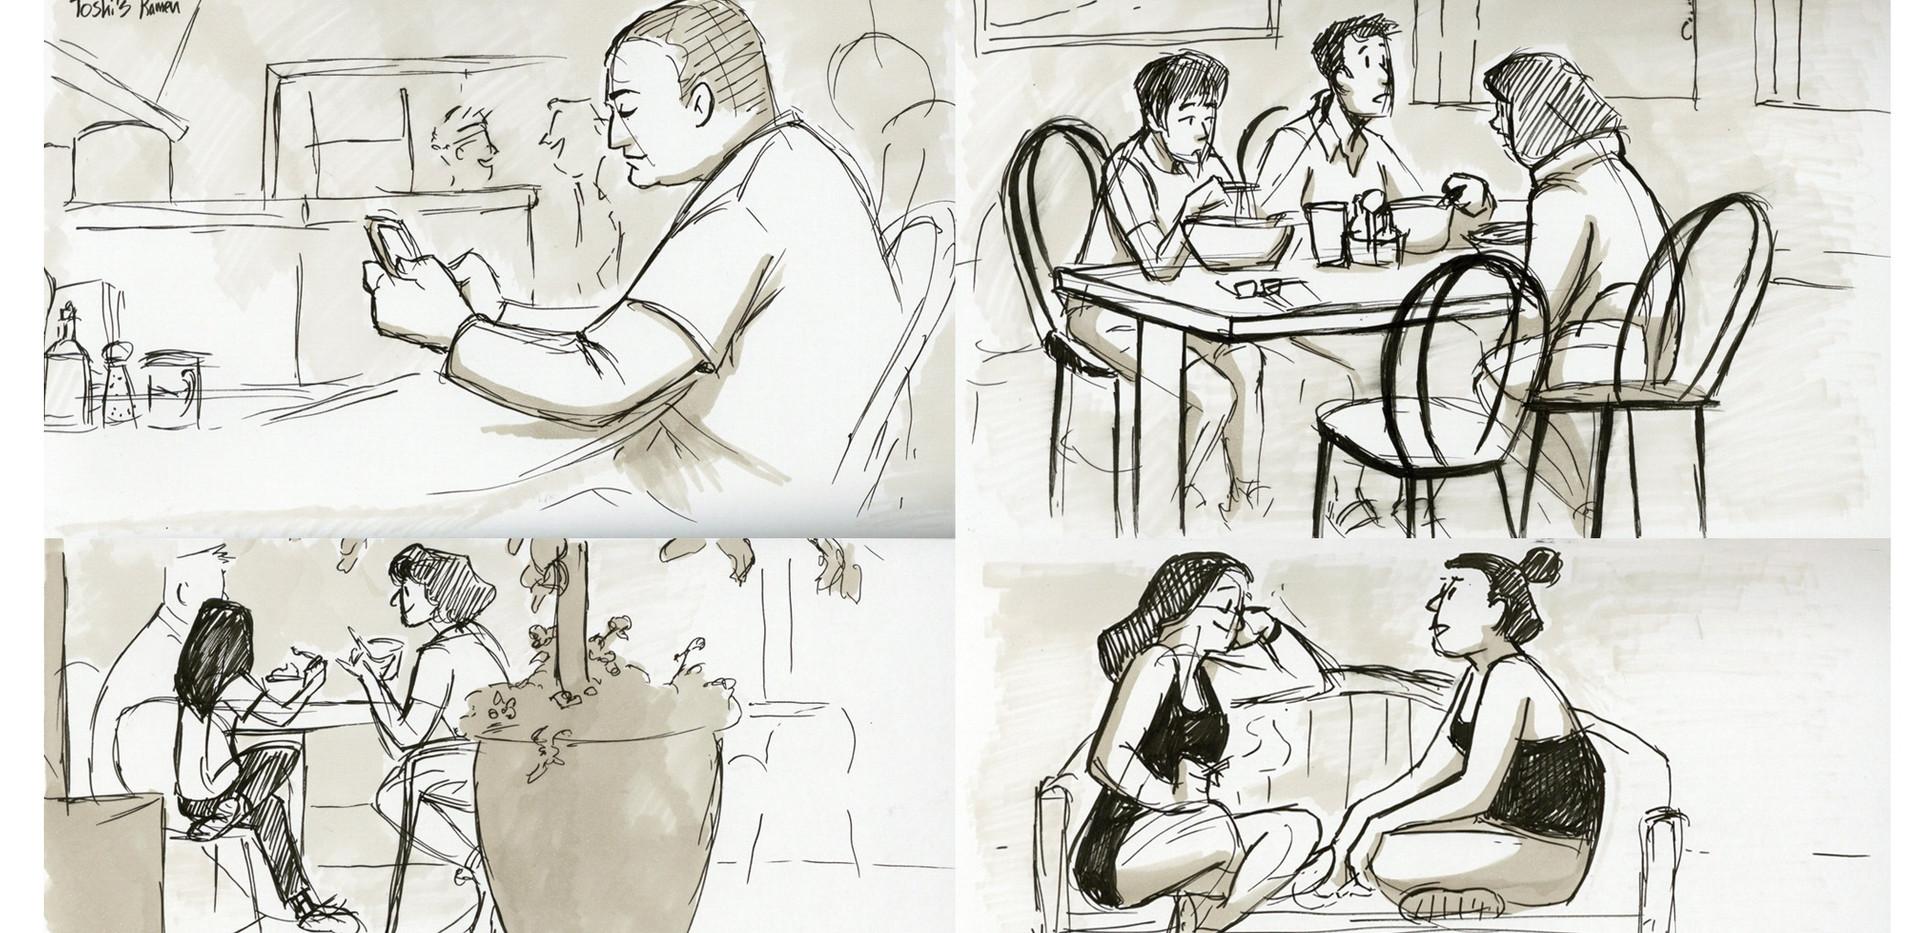 sketchslides_sketchbook1_edited.jpg